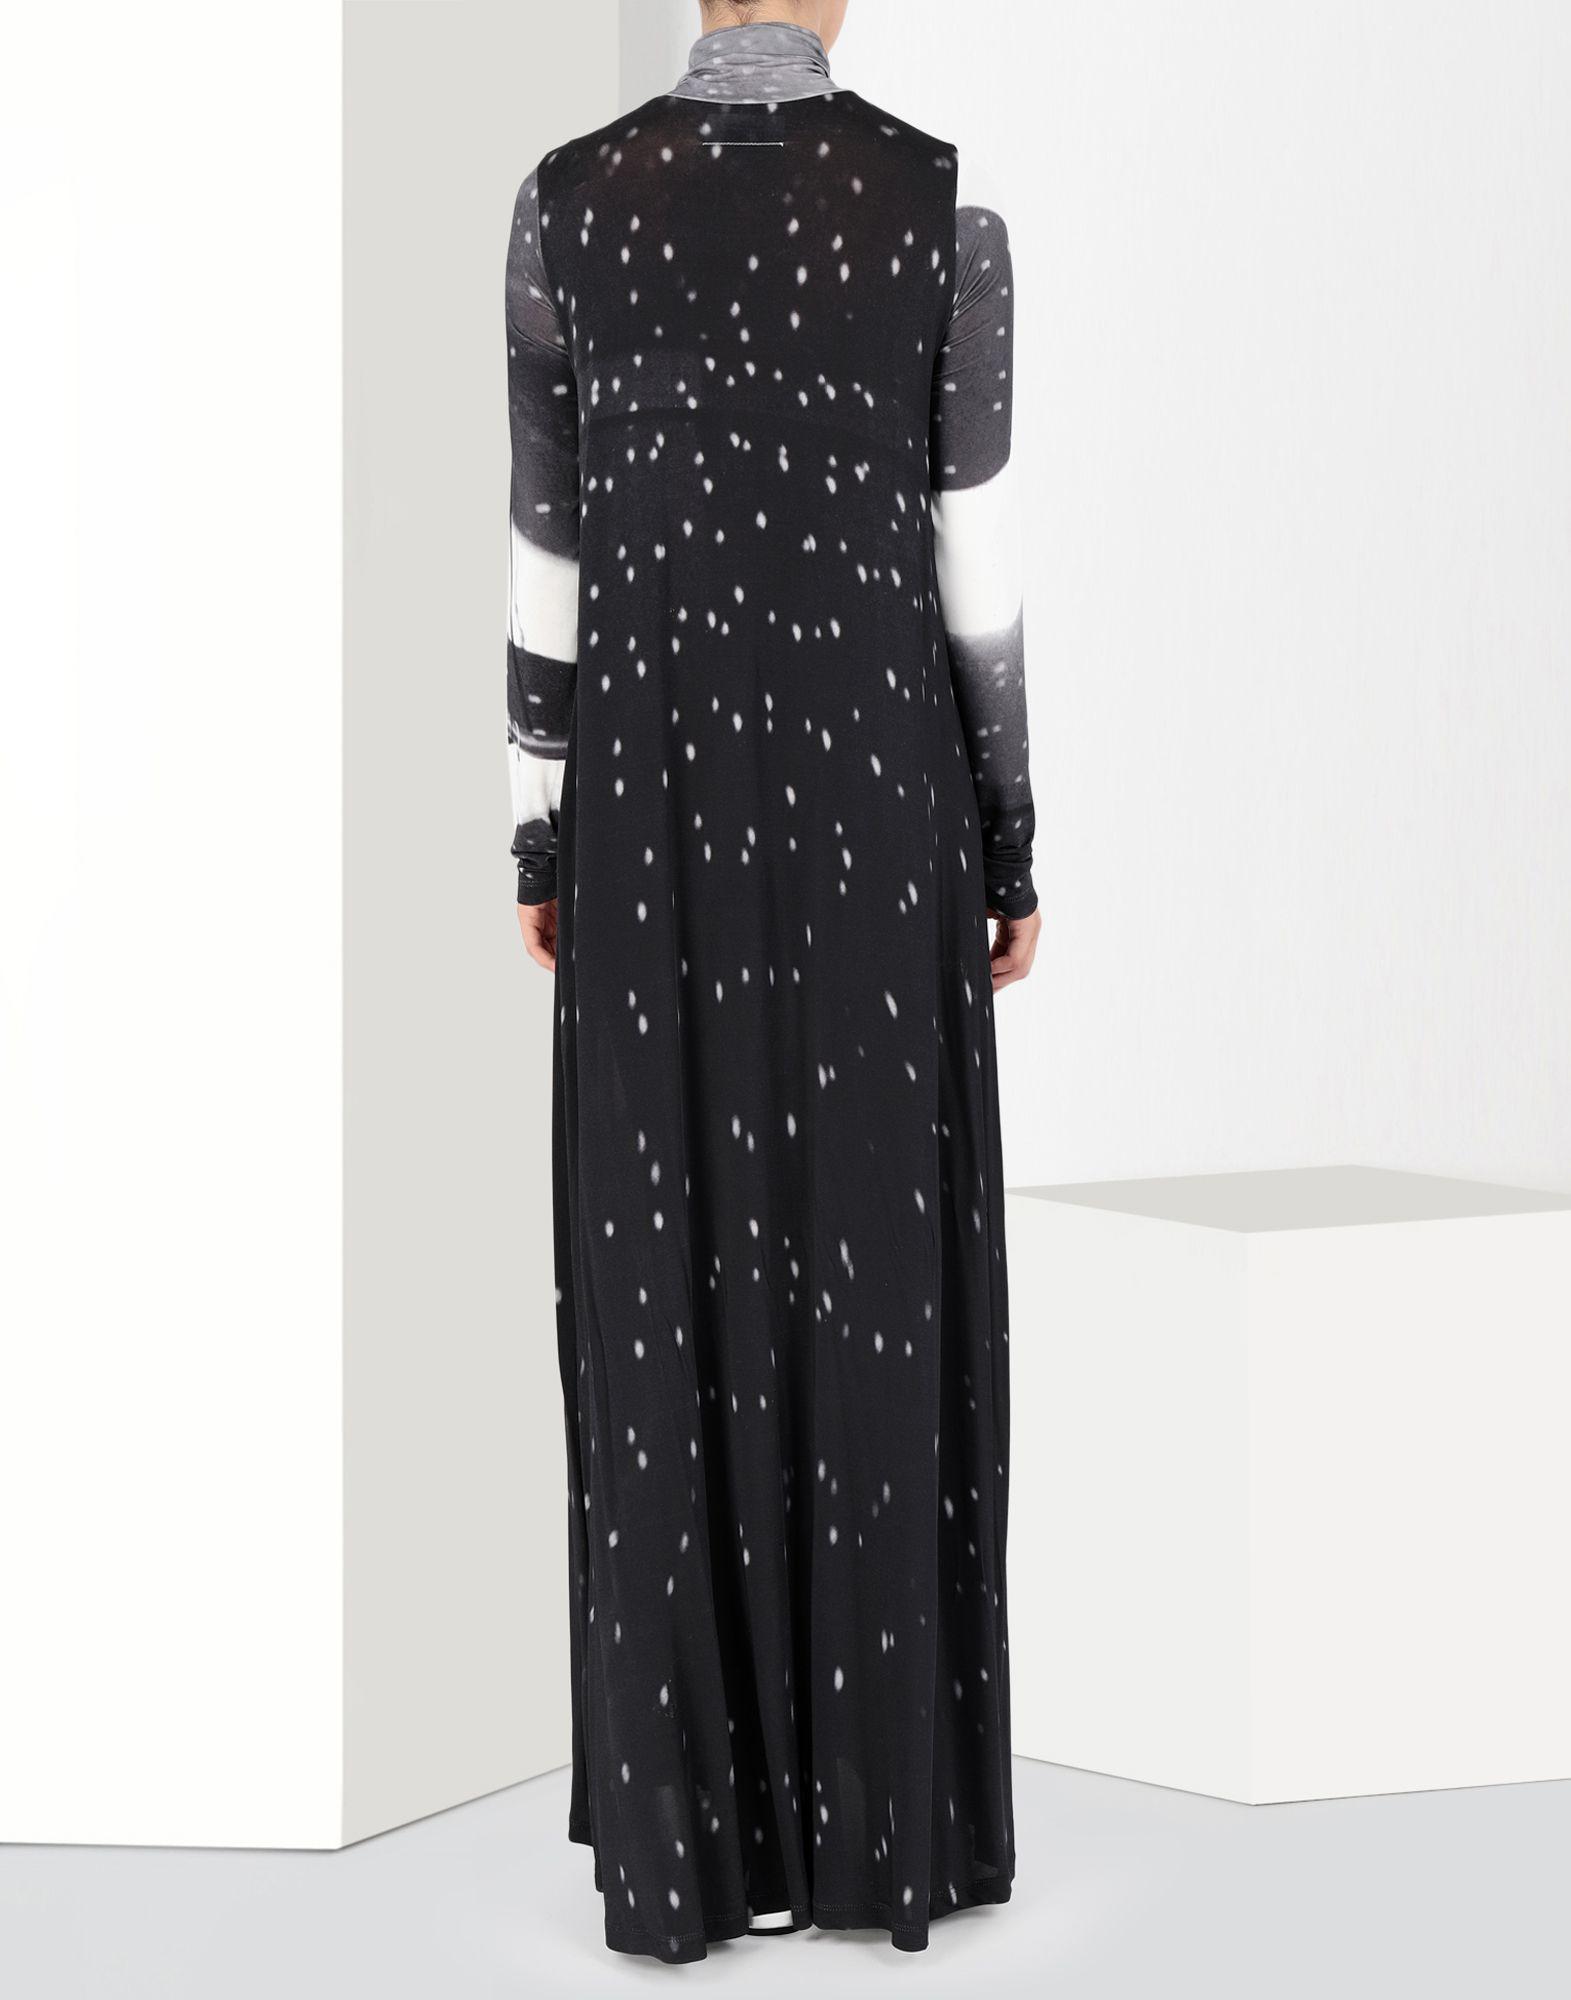 MM6 MAISON MARGIELA Reflex print long dress Long dress Woman d